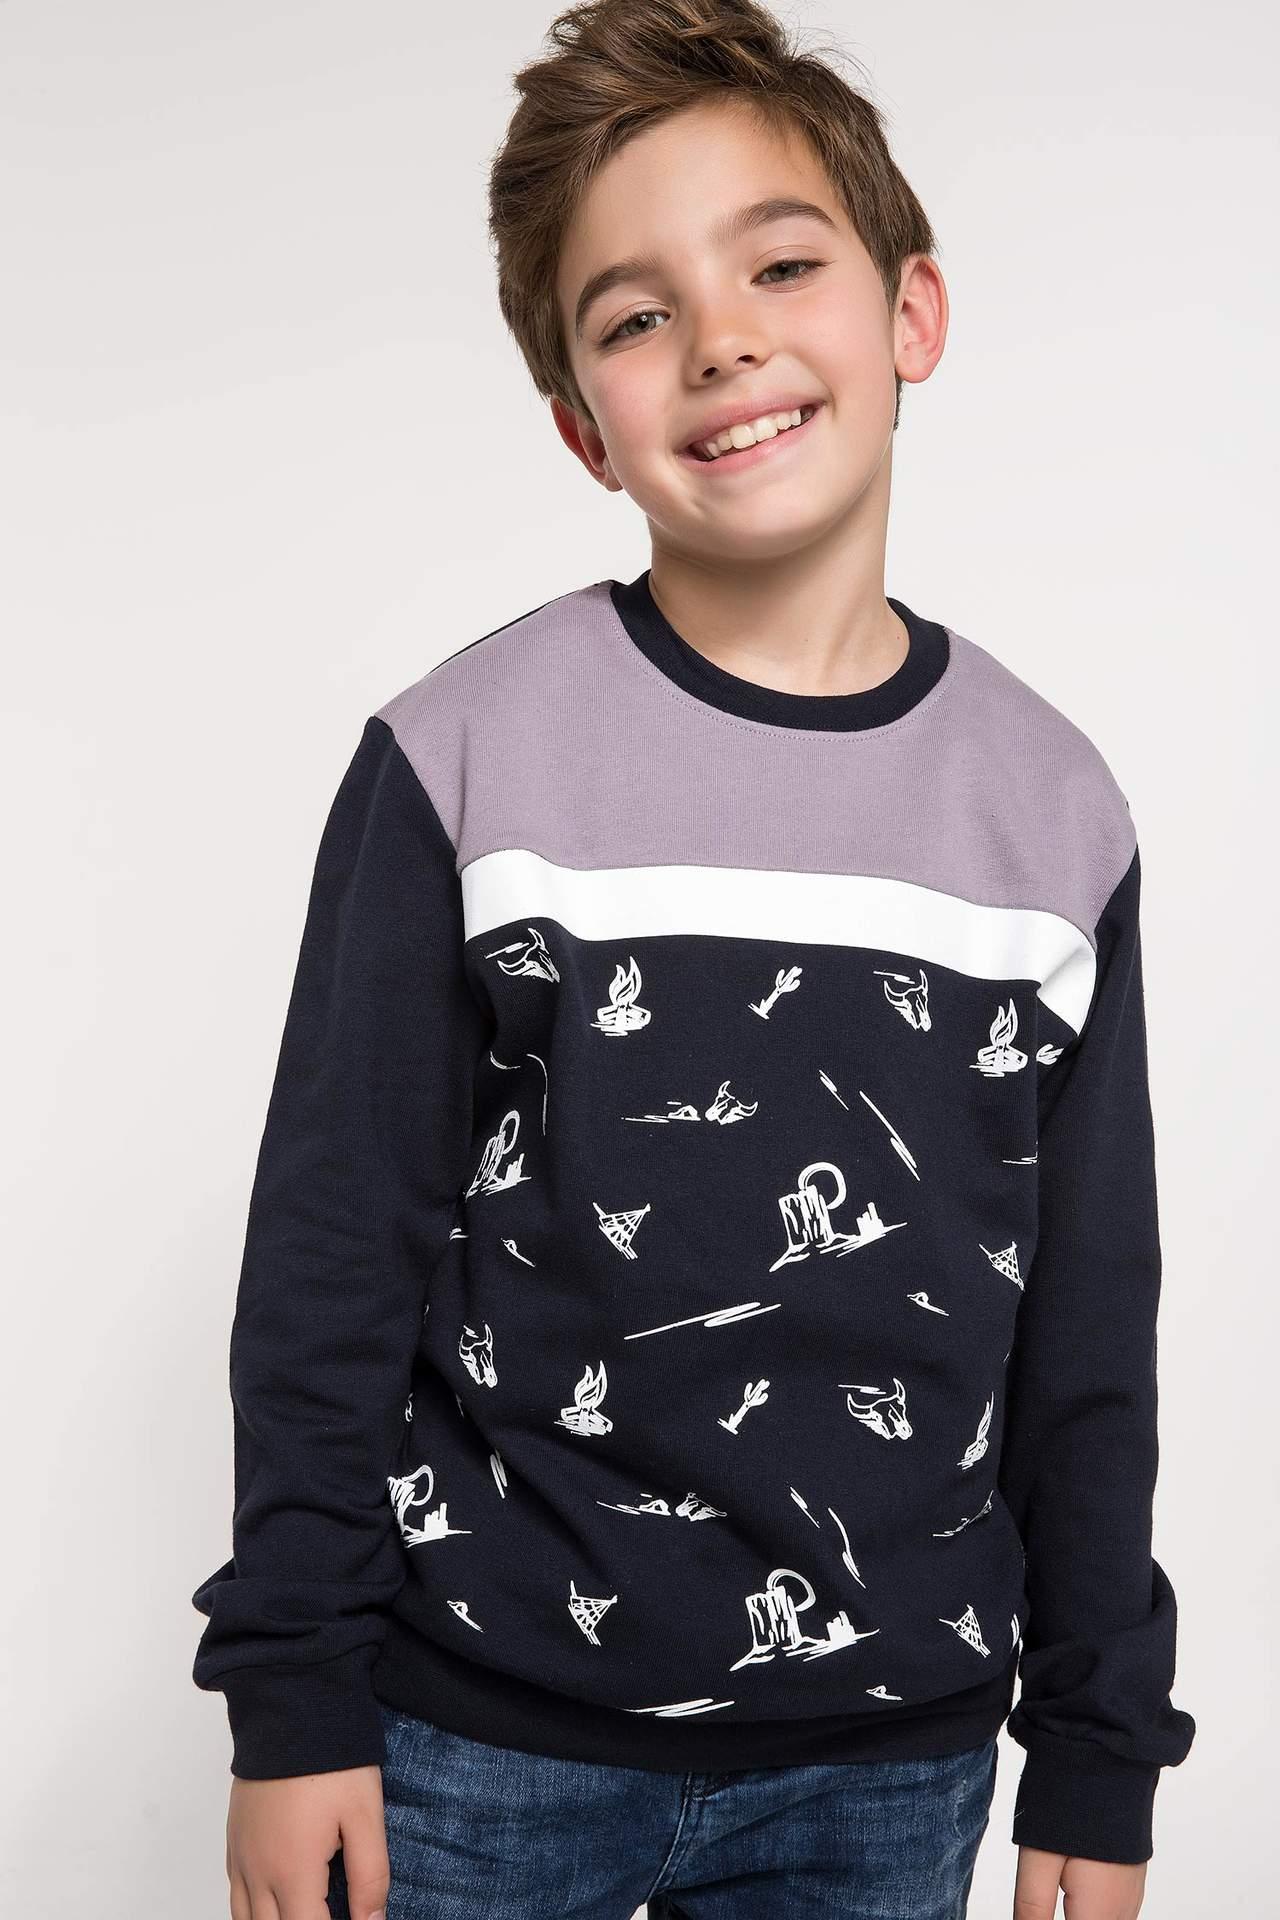 DeFacto Erkek Çocuk Baskılı Sweatshirt Lacivert male